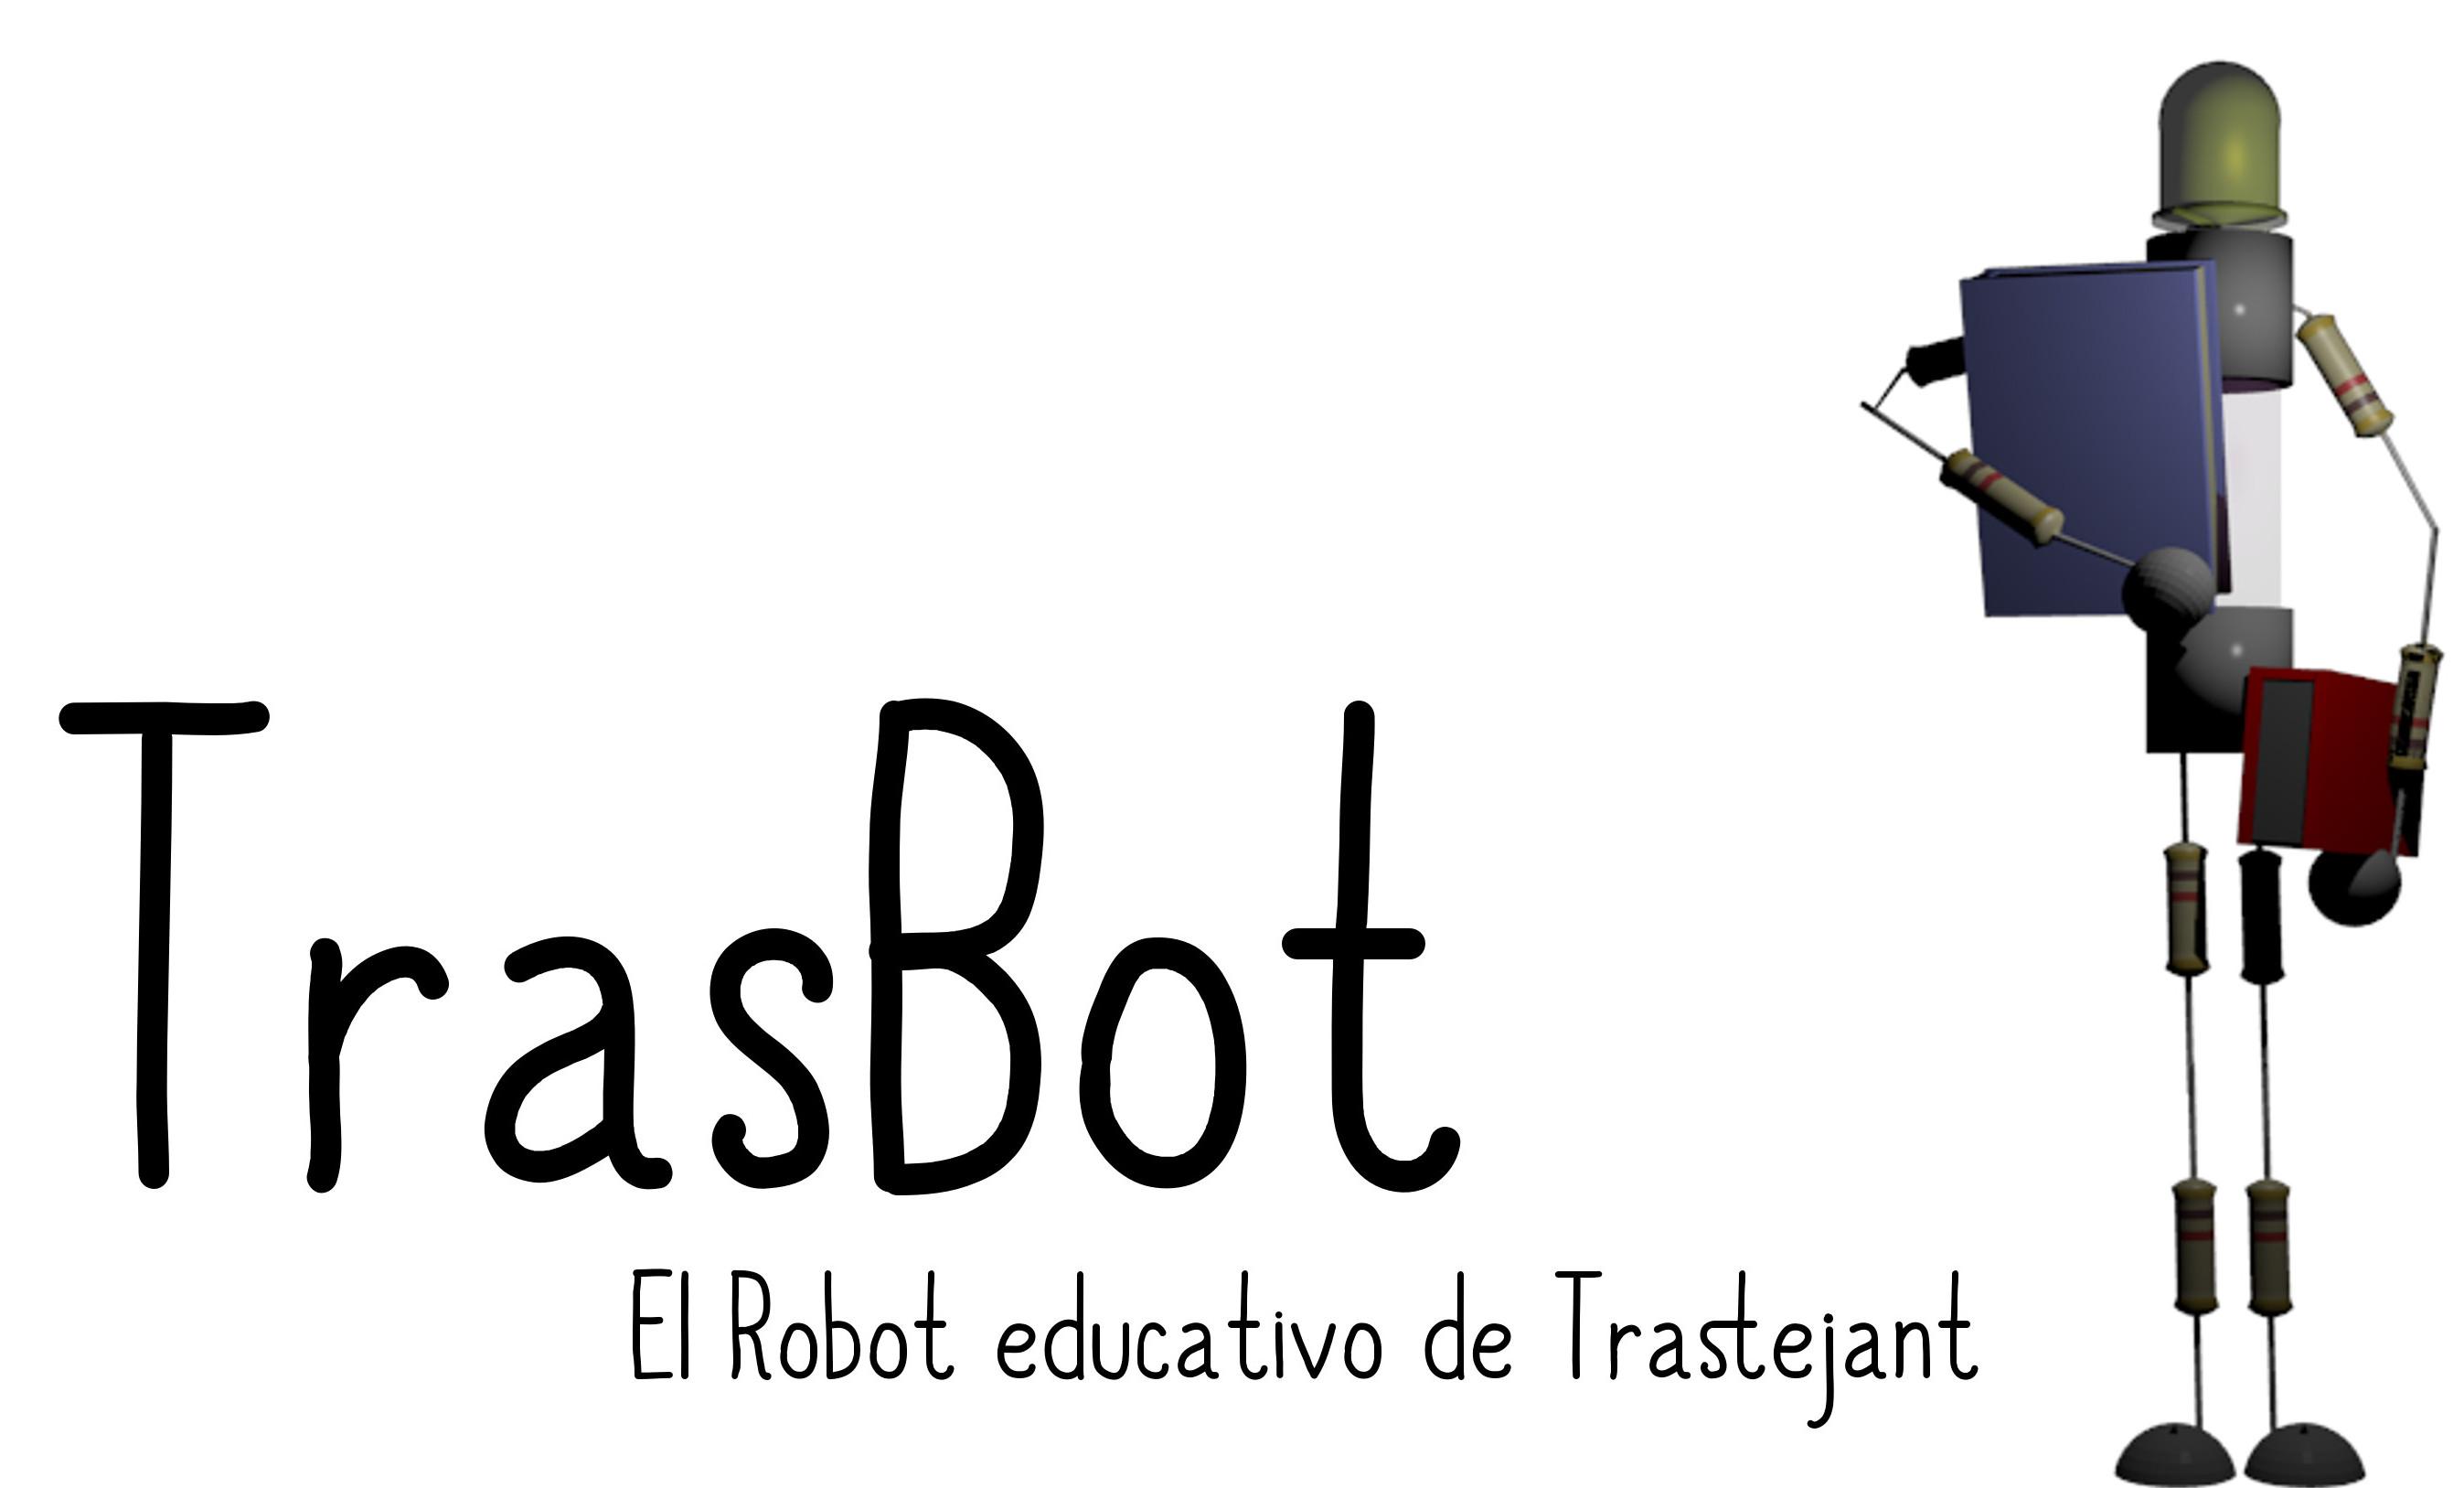 Trasbot